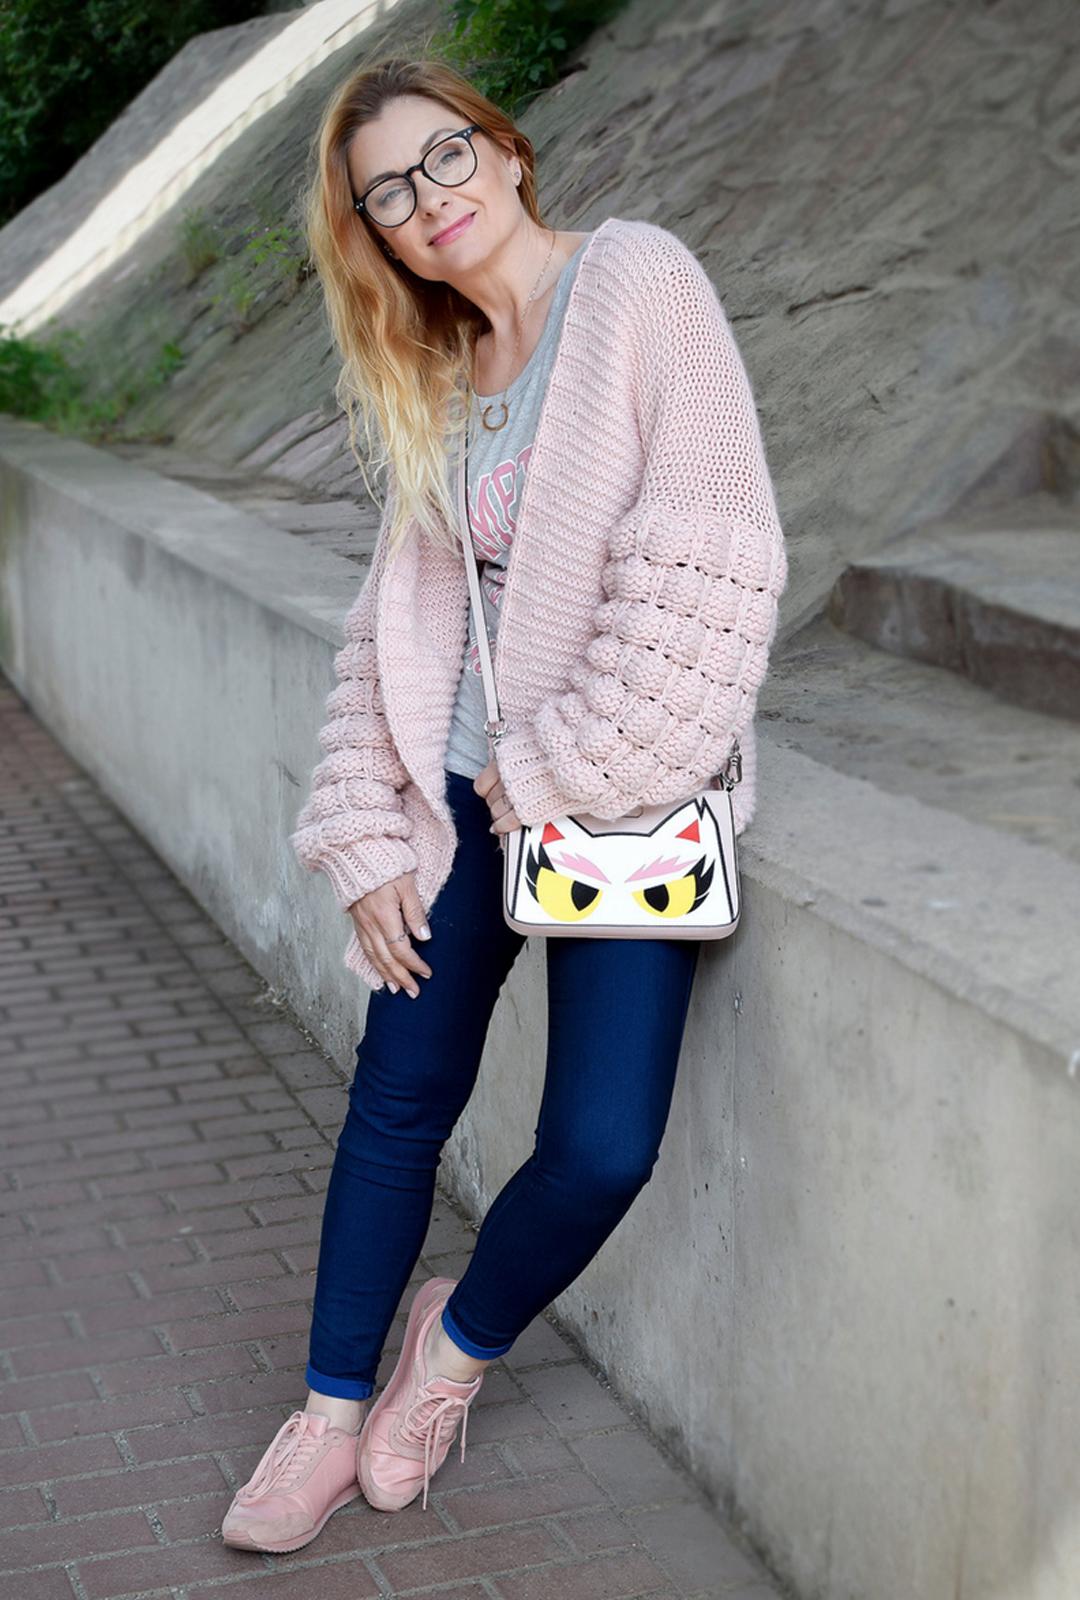 Rosa Sneaker für Frauen, Karl Lagerfeld, Handtasche